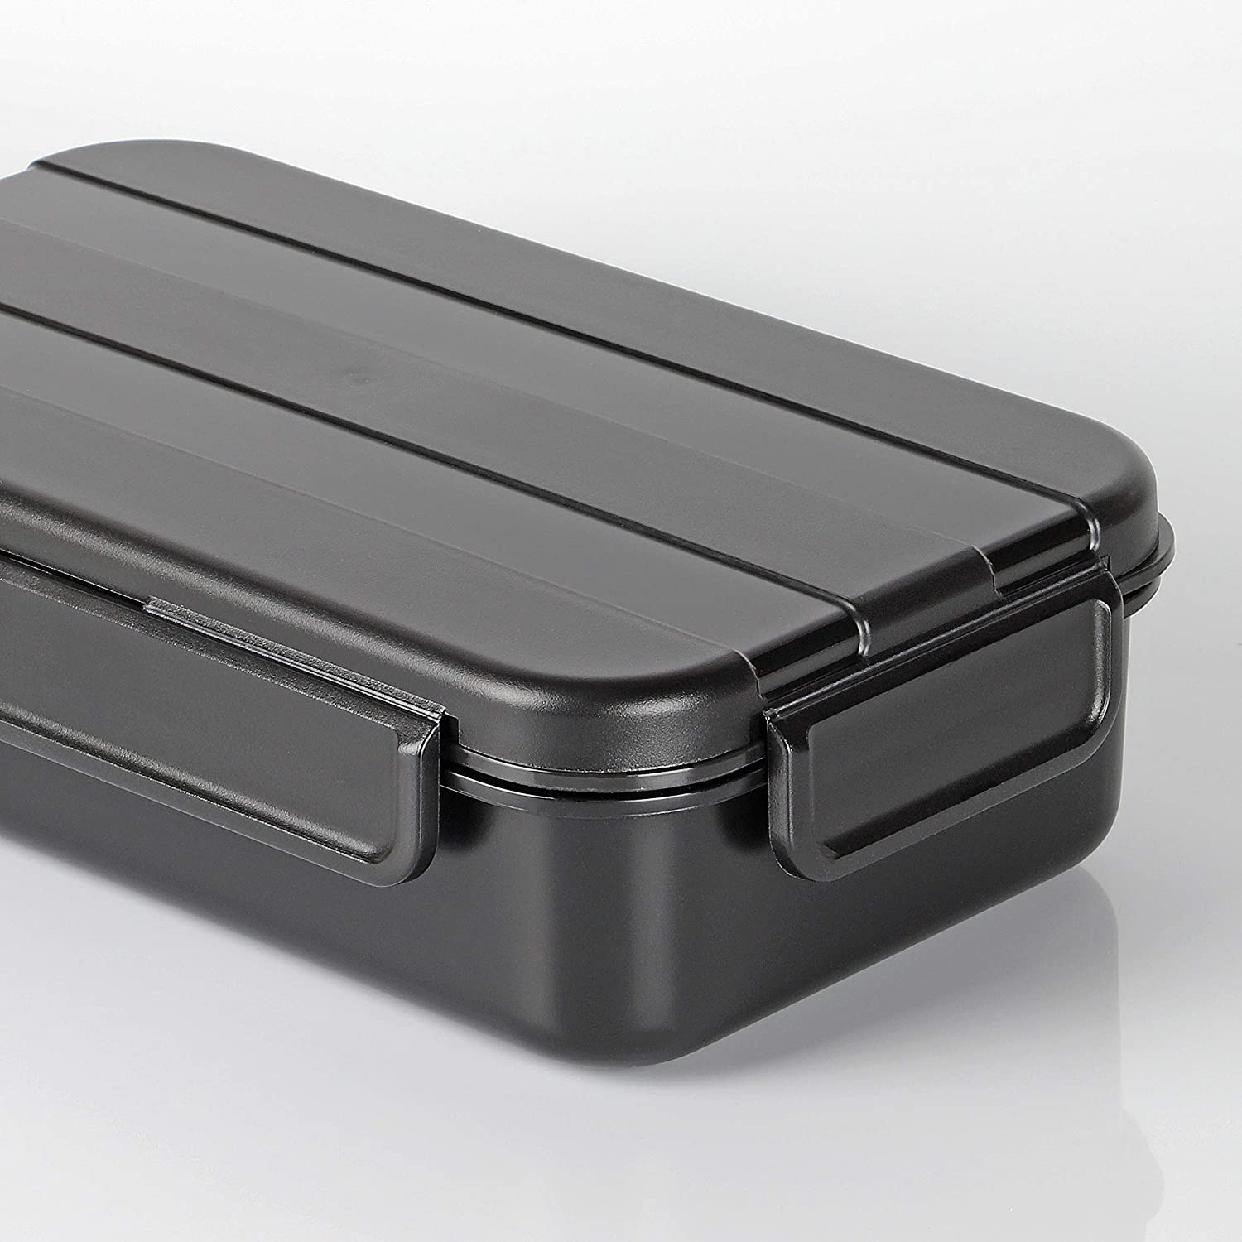 パール金属(PEARL) BLKP 弁当箱 一段 AZ-5045の商品画像5